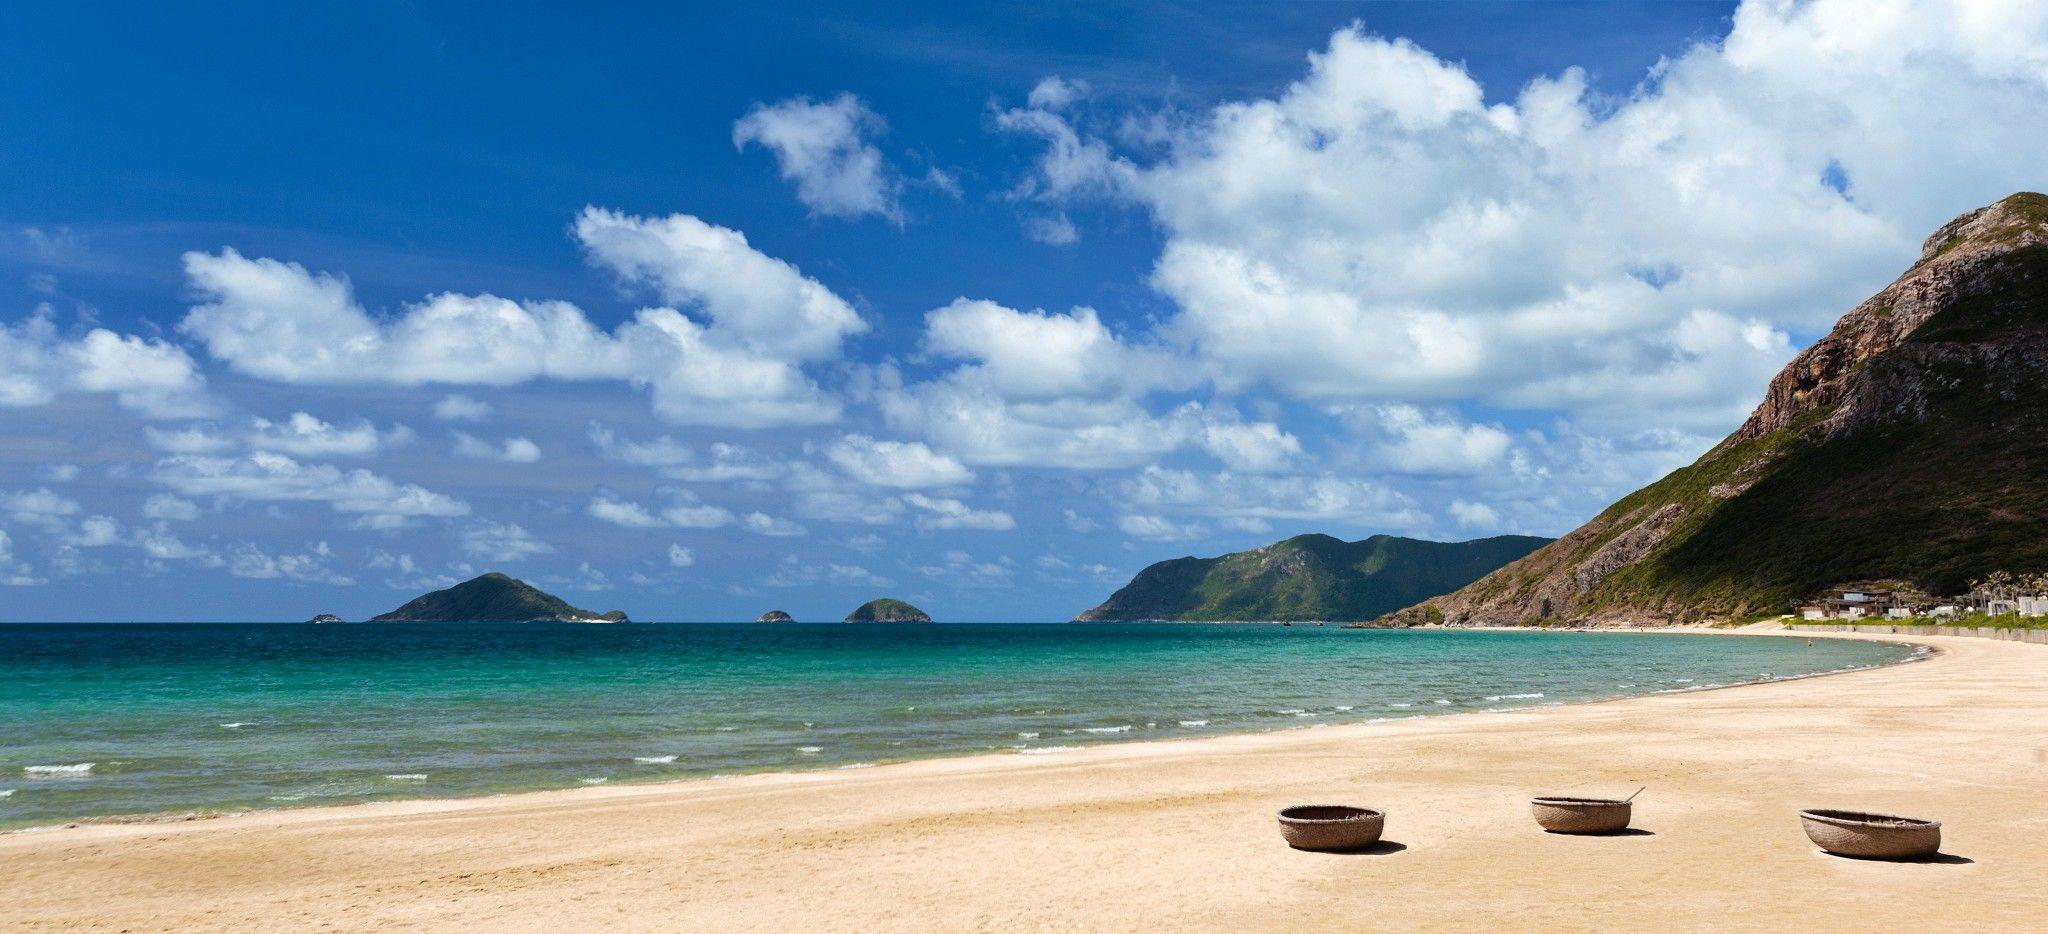 Ein langer Strand in Vietnam, mit Blick auf vorliegende Inseln im Meer